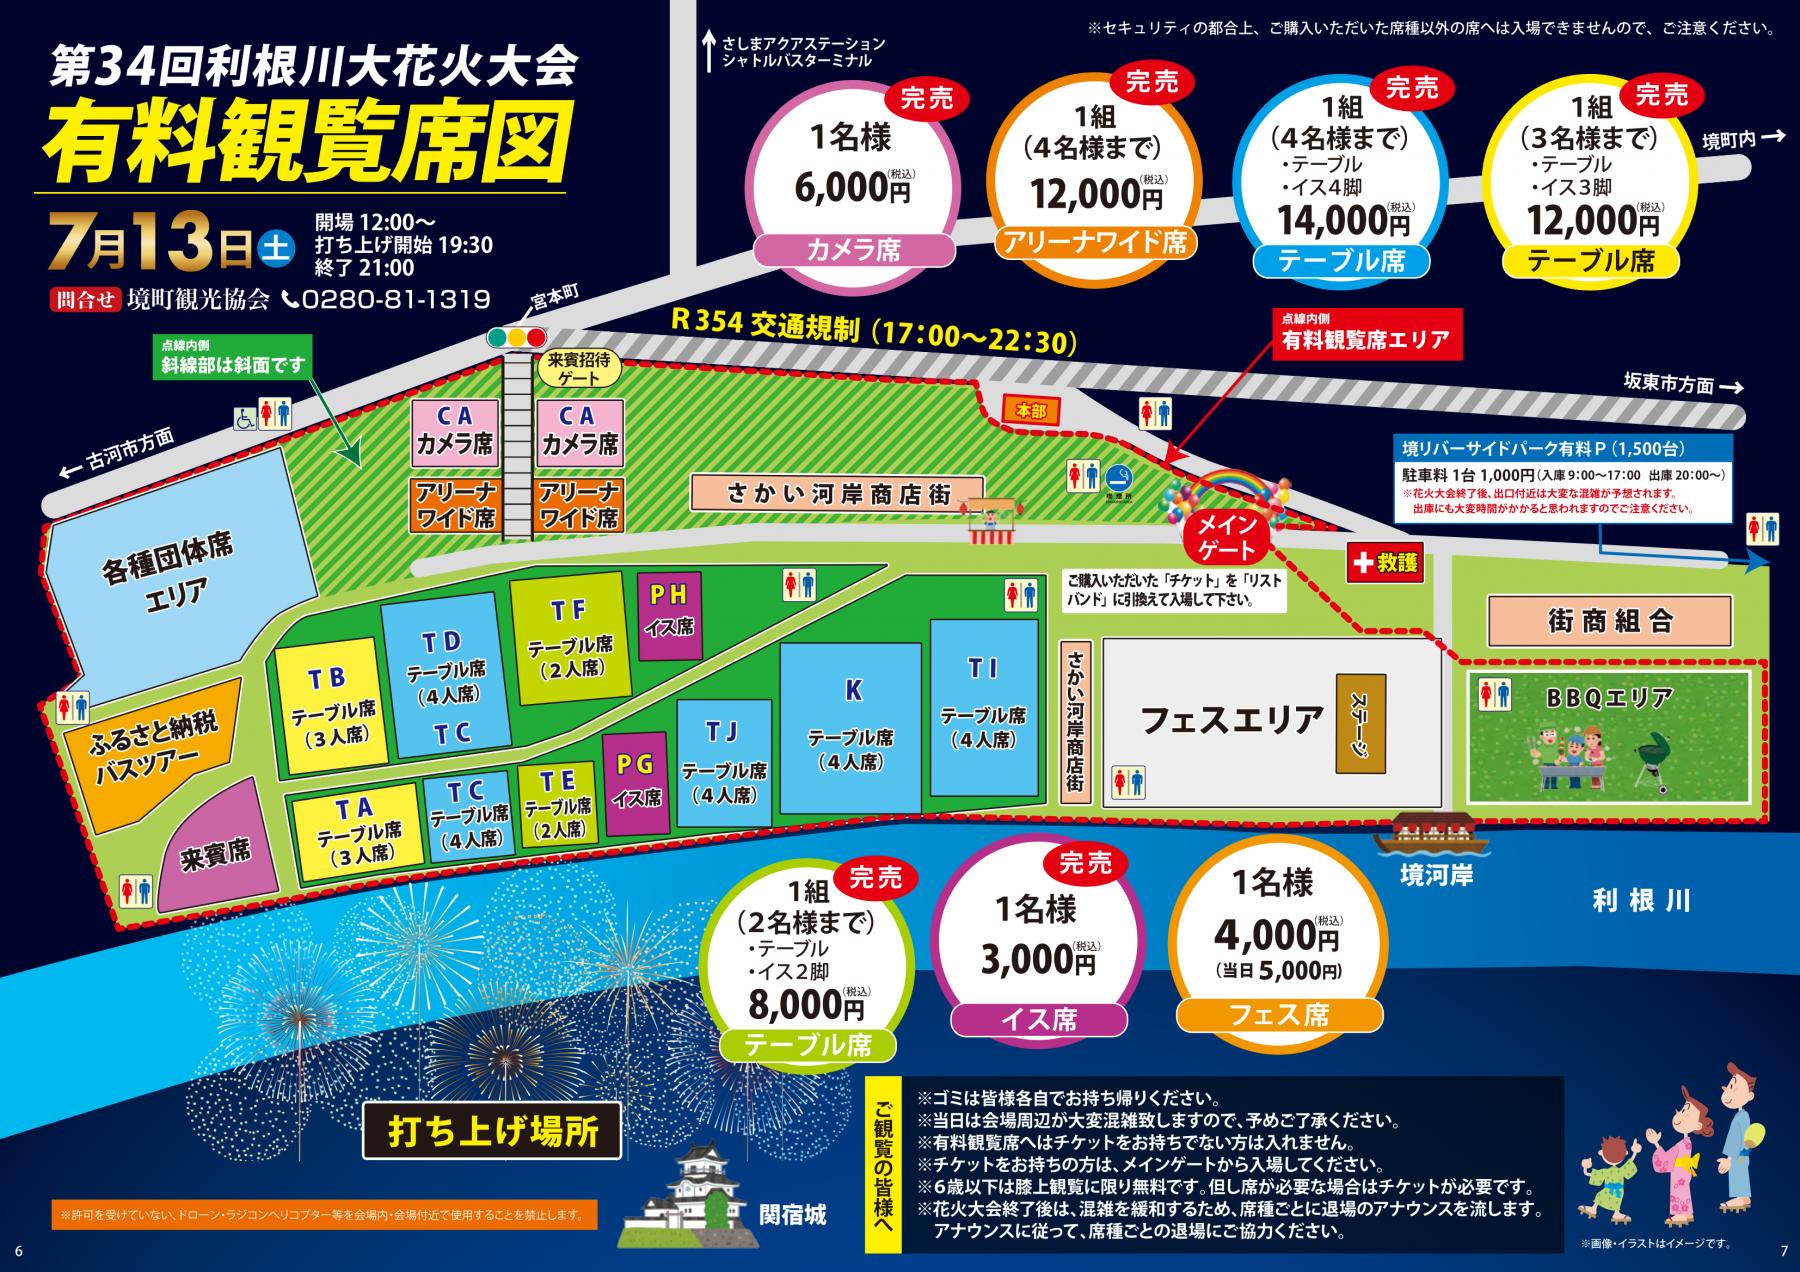 『第34回利根川大花火大会_会場案内』の画像